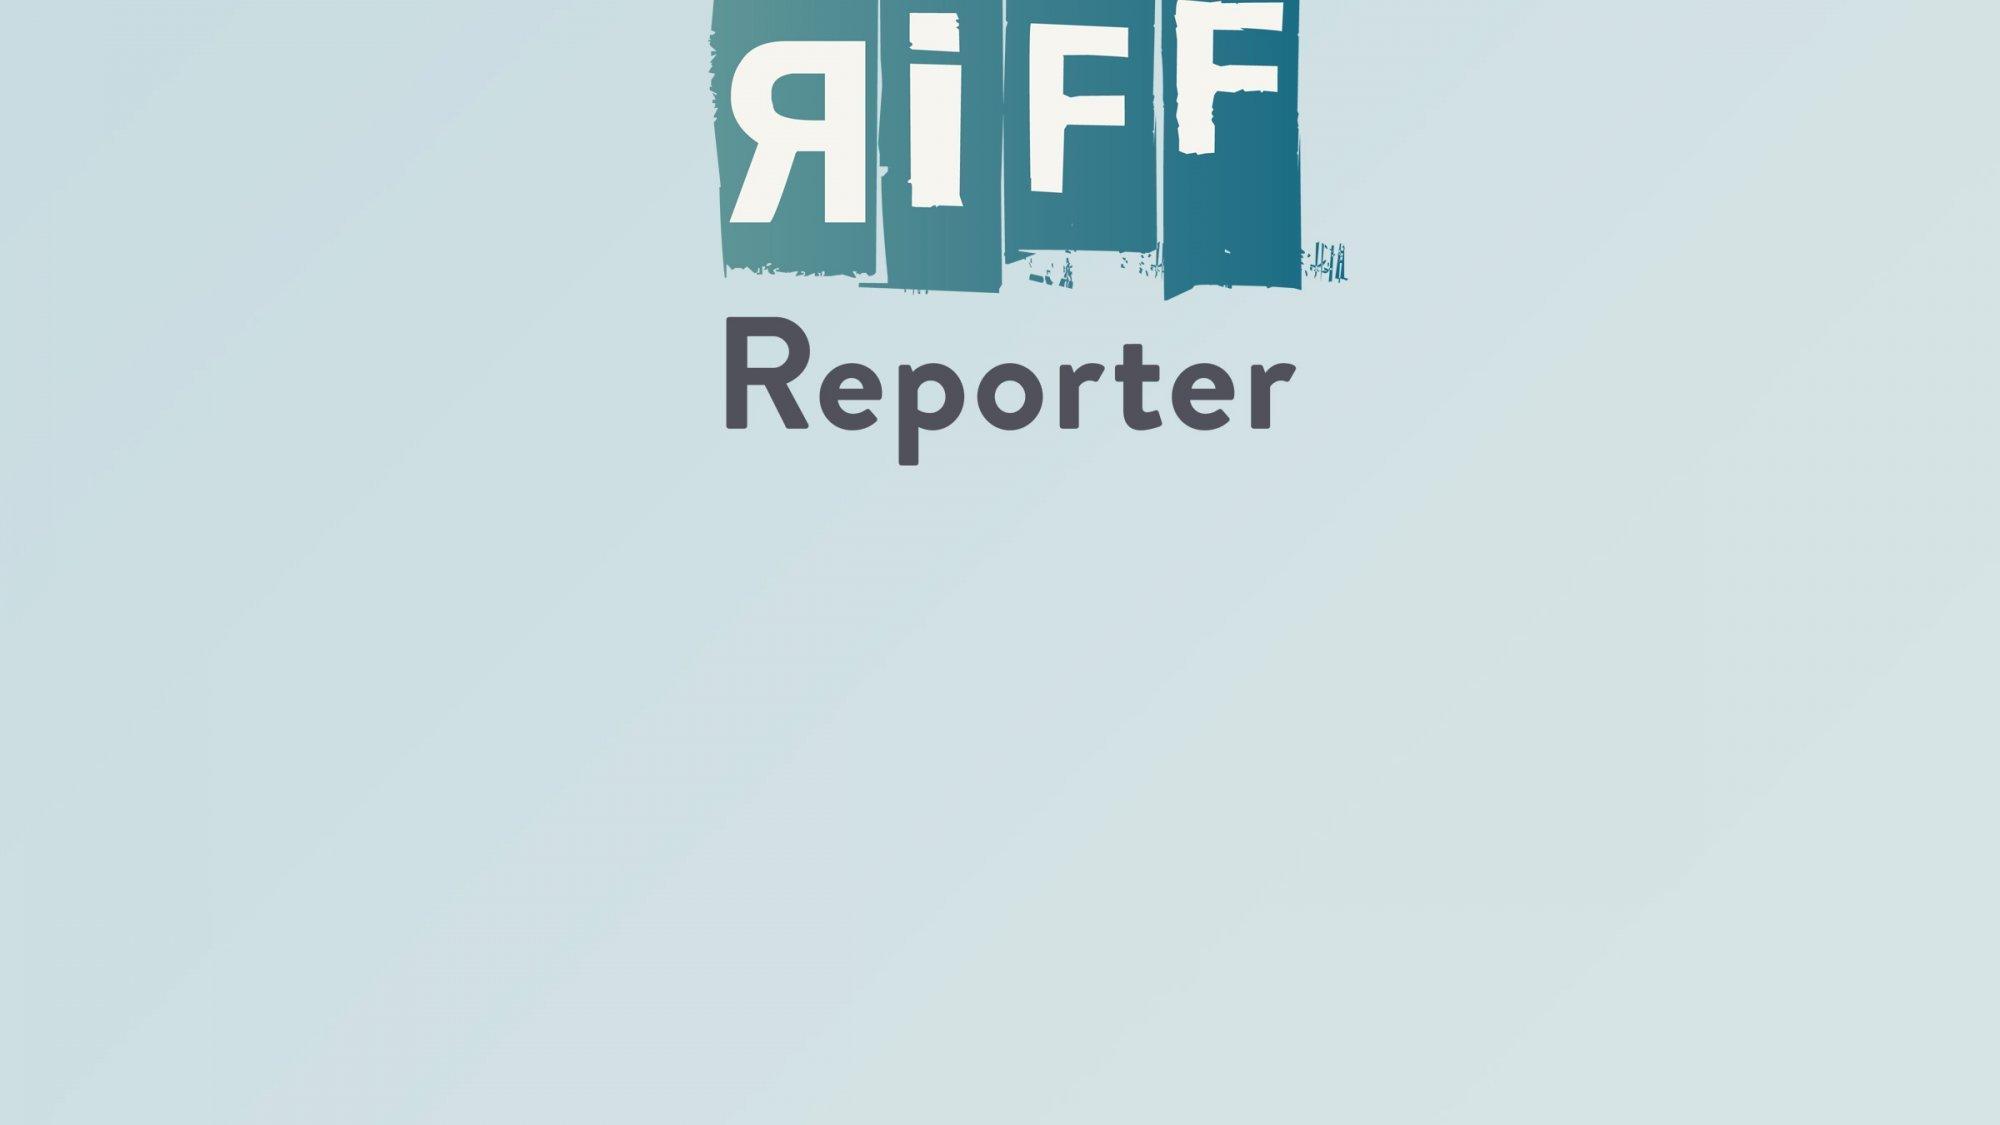 Viele Menschen sind bei einer Fahrraddemo auf Fahrrädern unterwegs